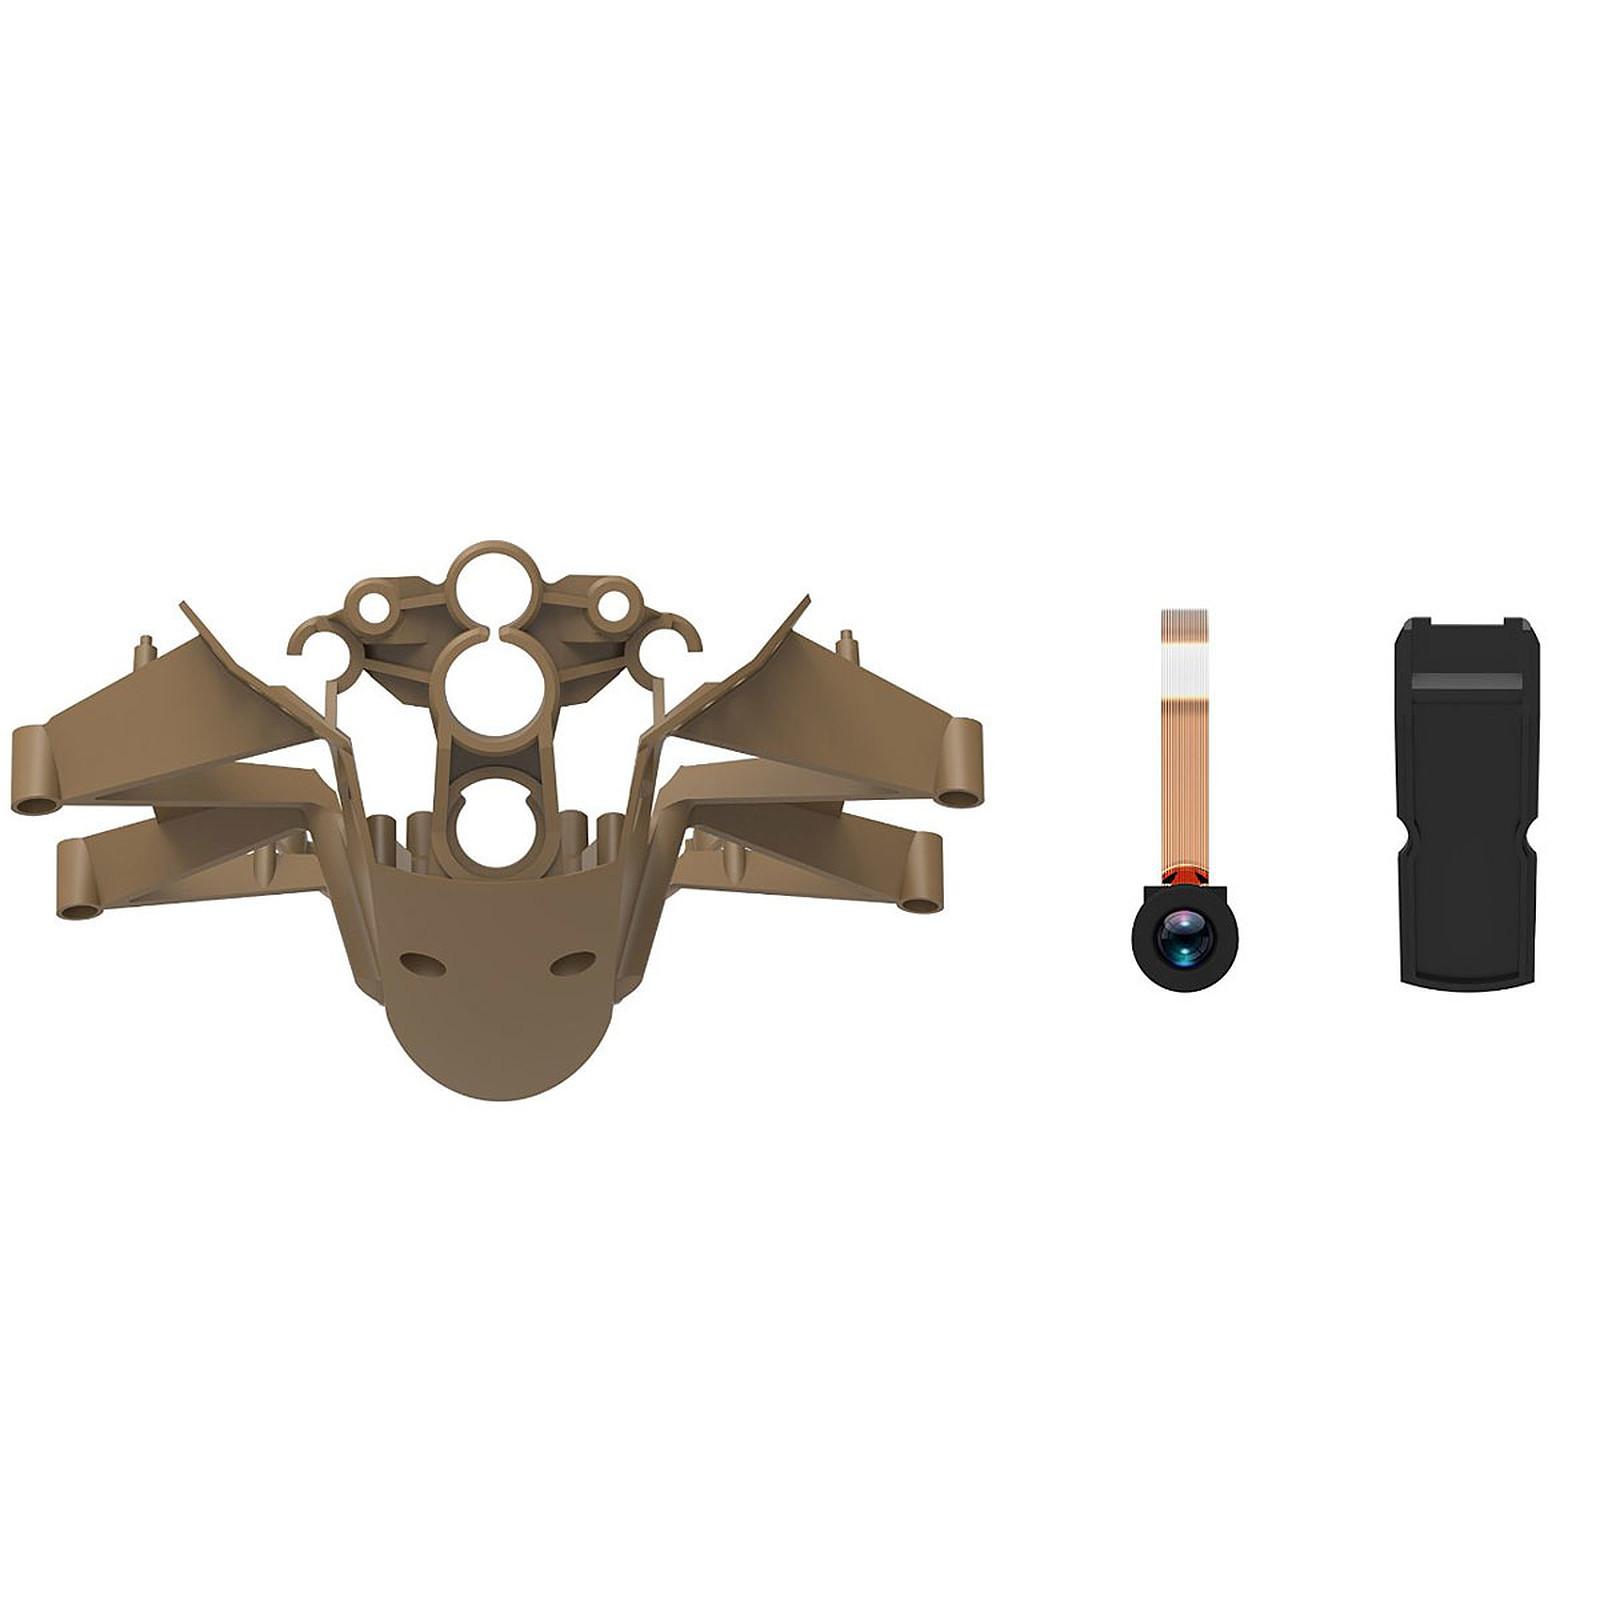 Parrot Caméra et structure pour MiniDrone Jumping Sumo Kaki